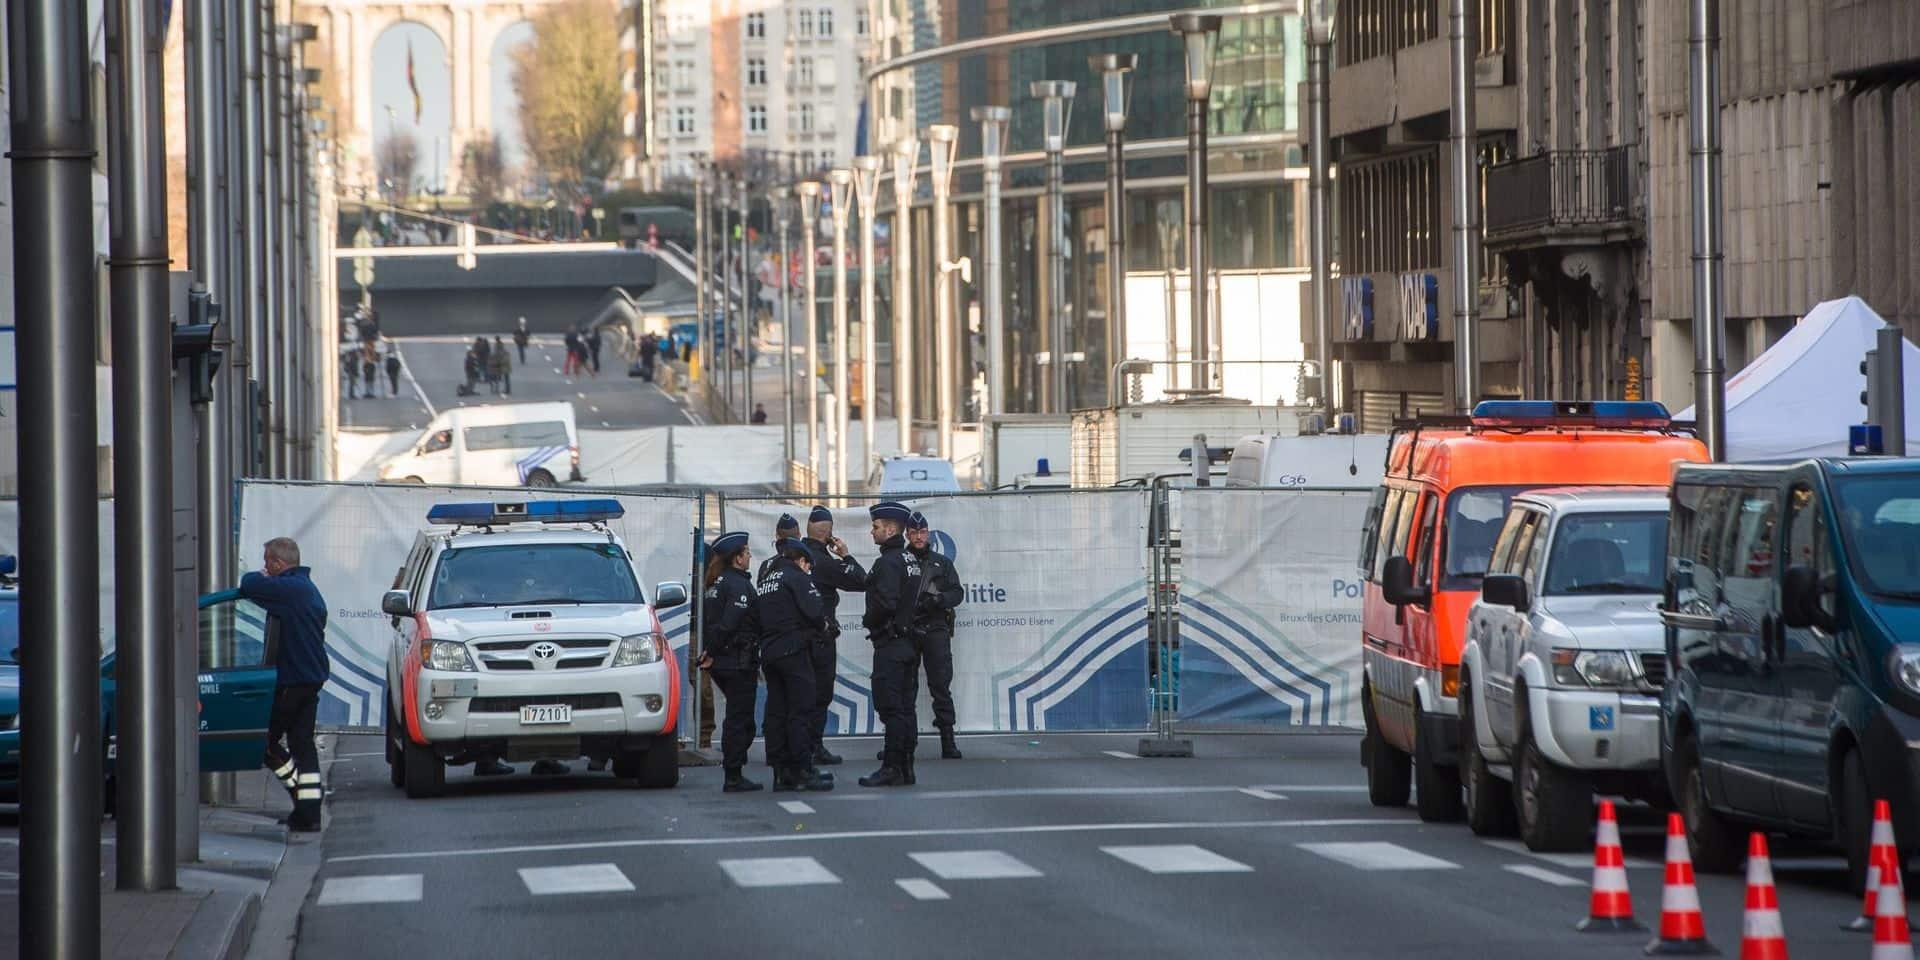 Attentats de Bruxelles: la première audience devant la chambre du conseil fixée au 19 février